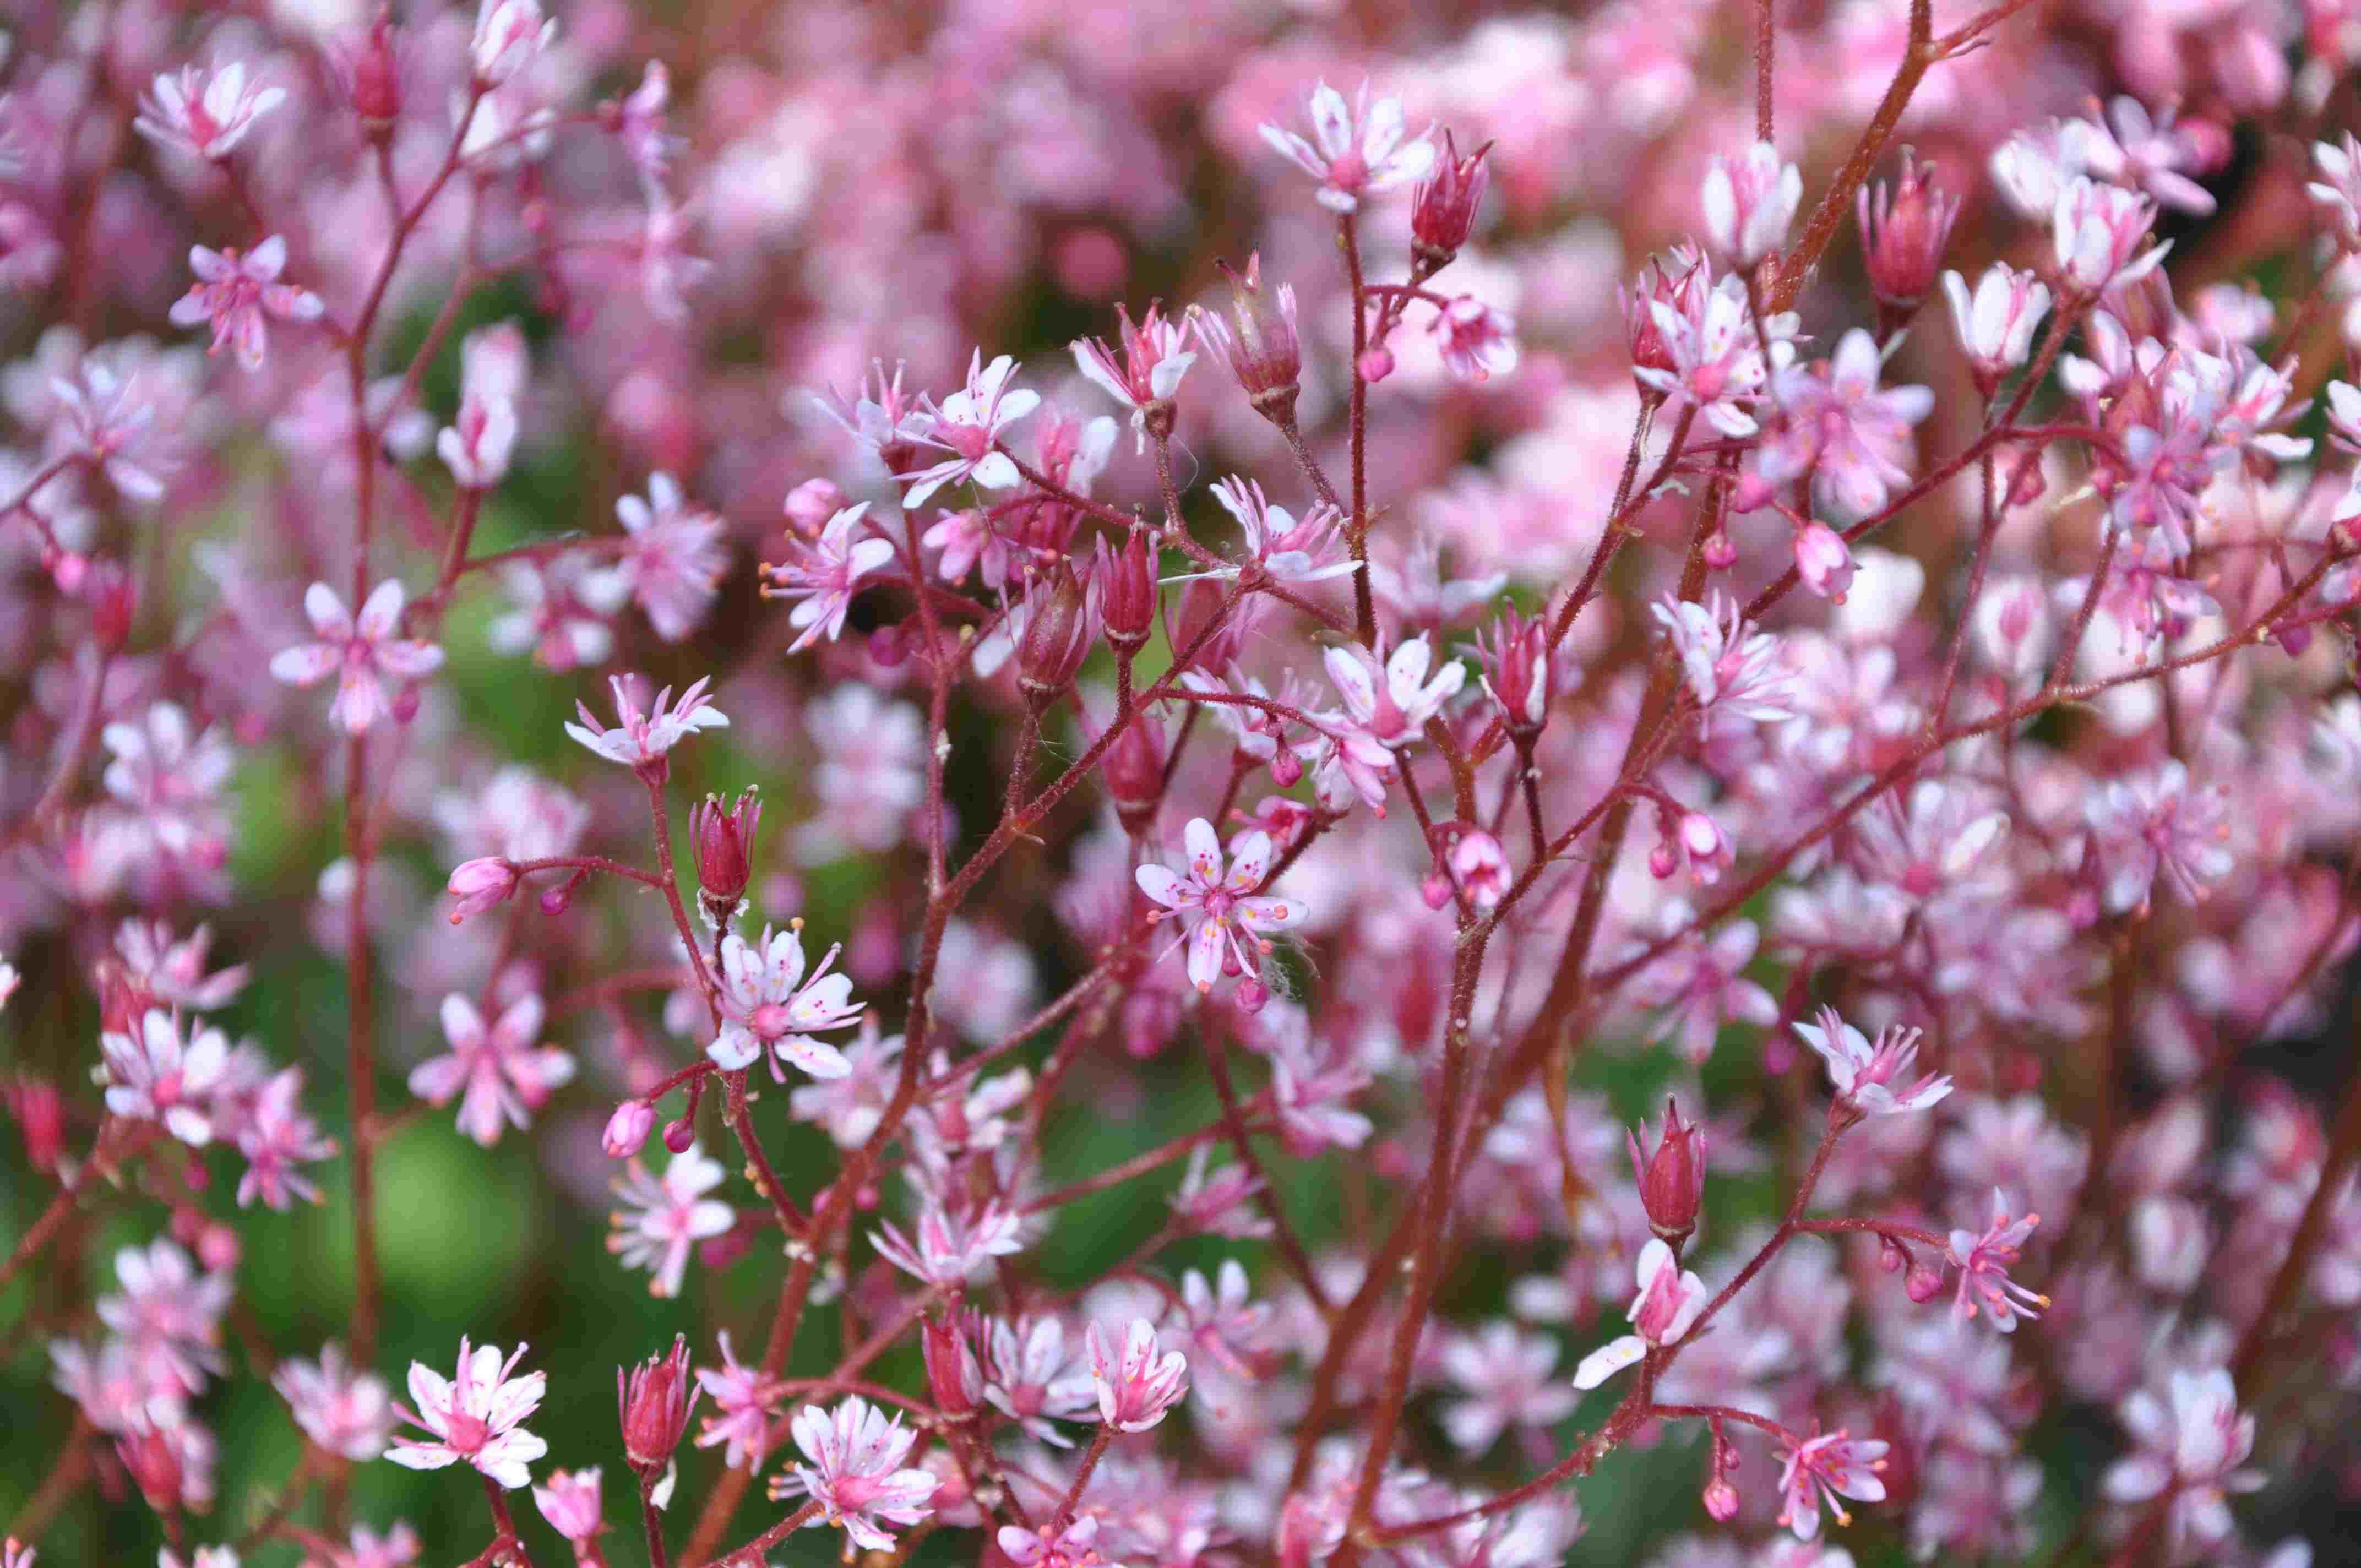 rosa blommor perenner